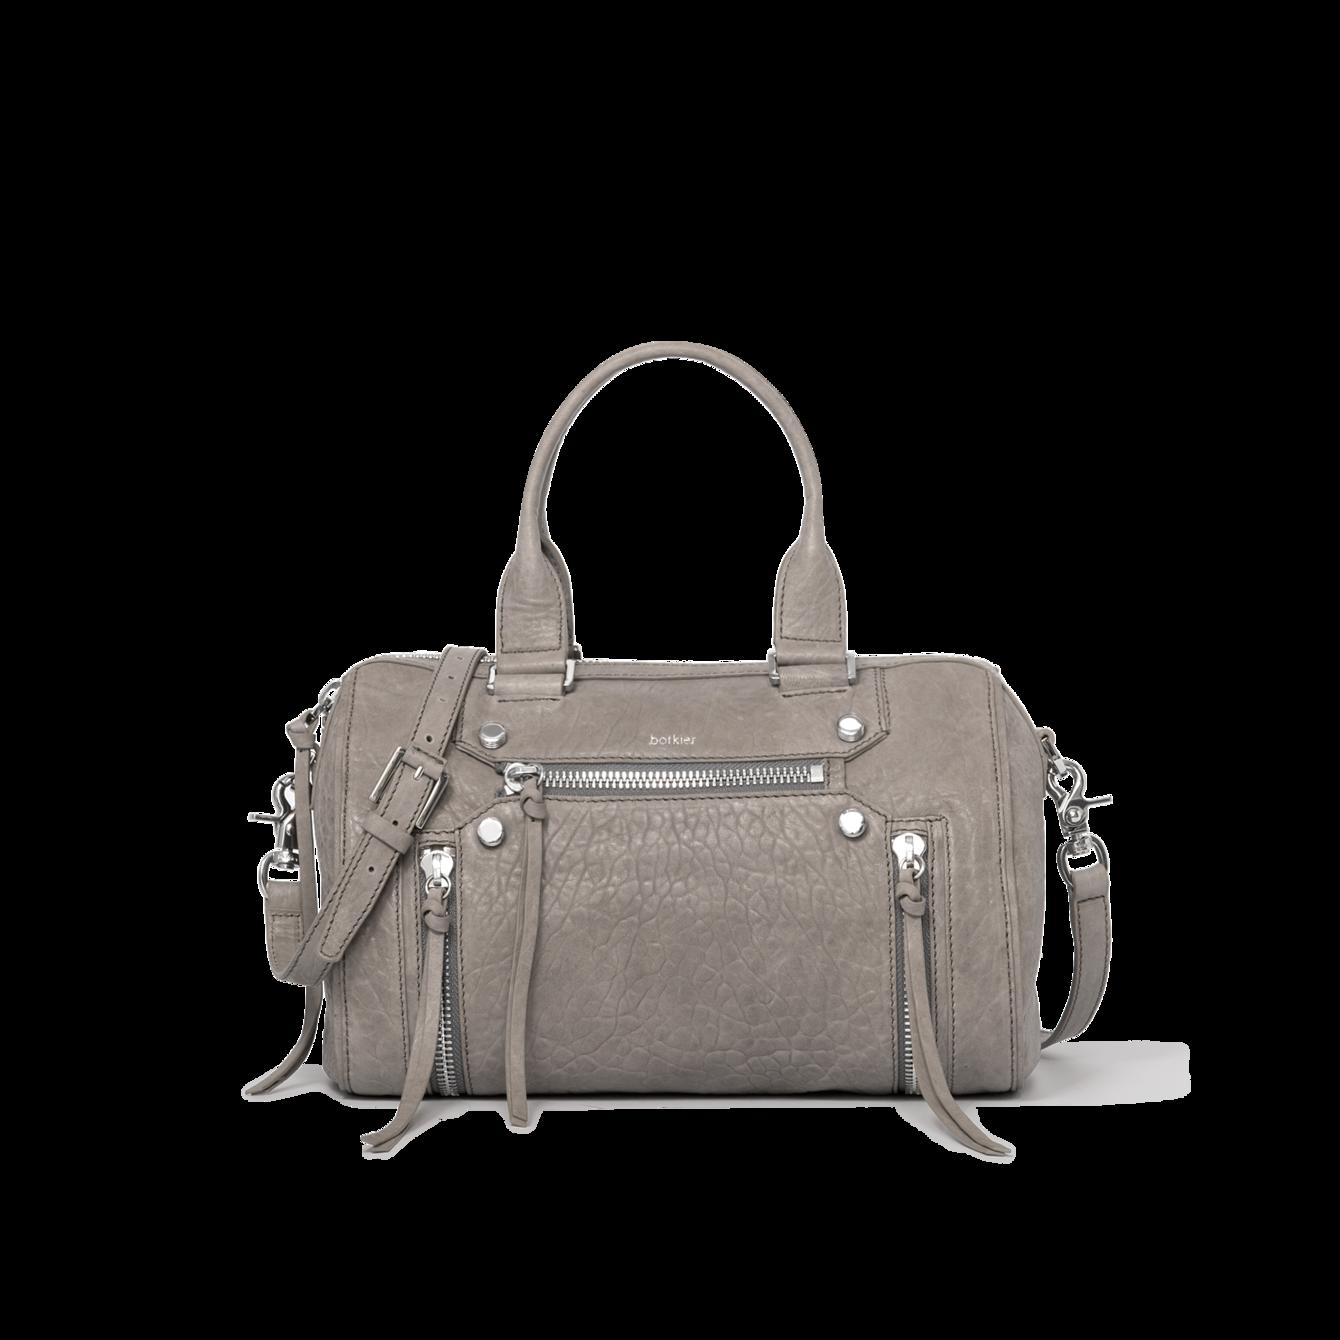 Logan Satchel - Designer Leather featured items | Botkier